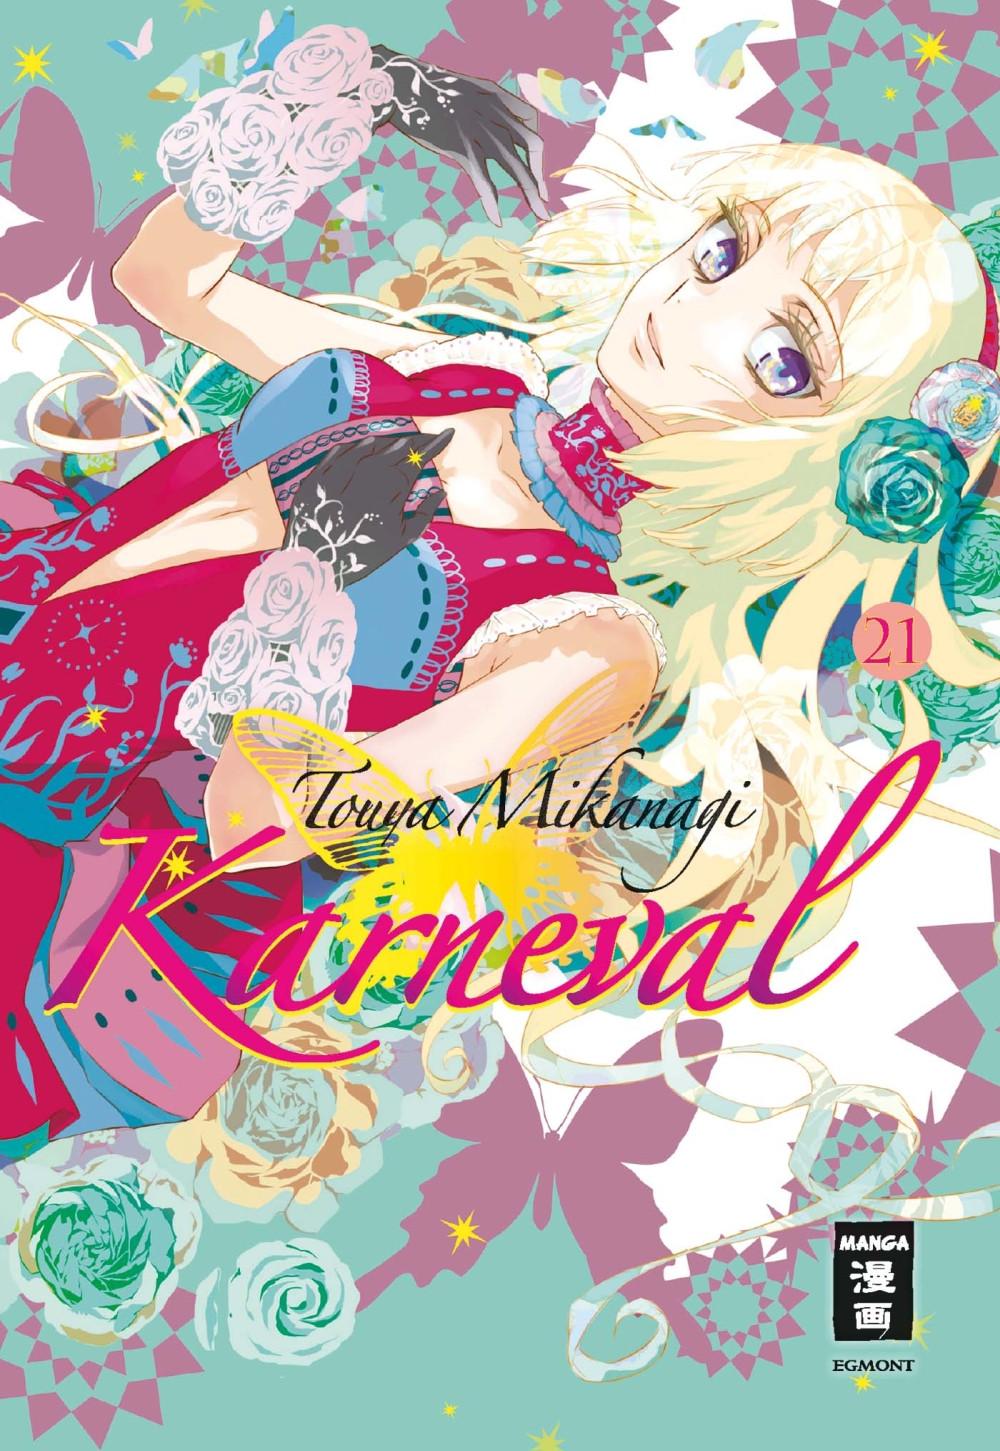 Karneval 21 Manga